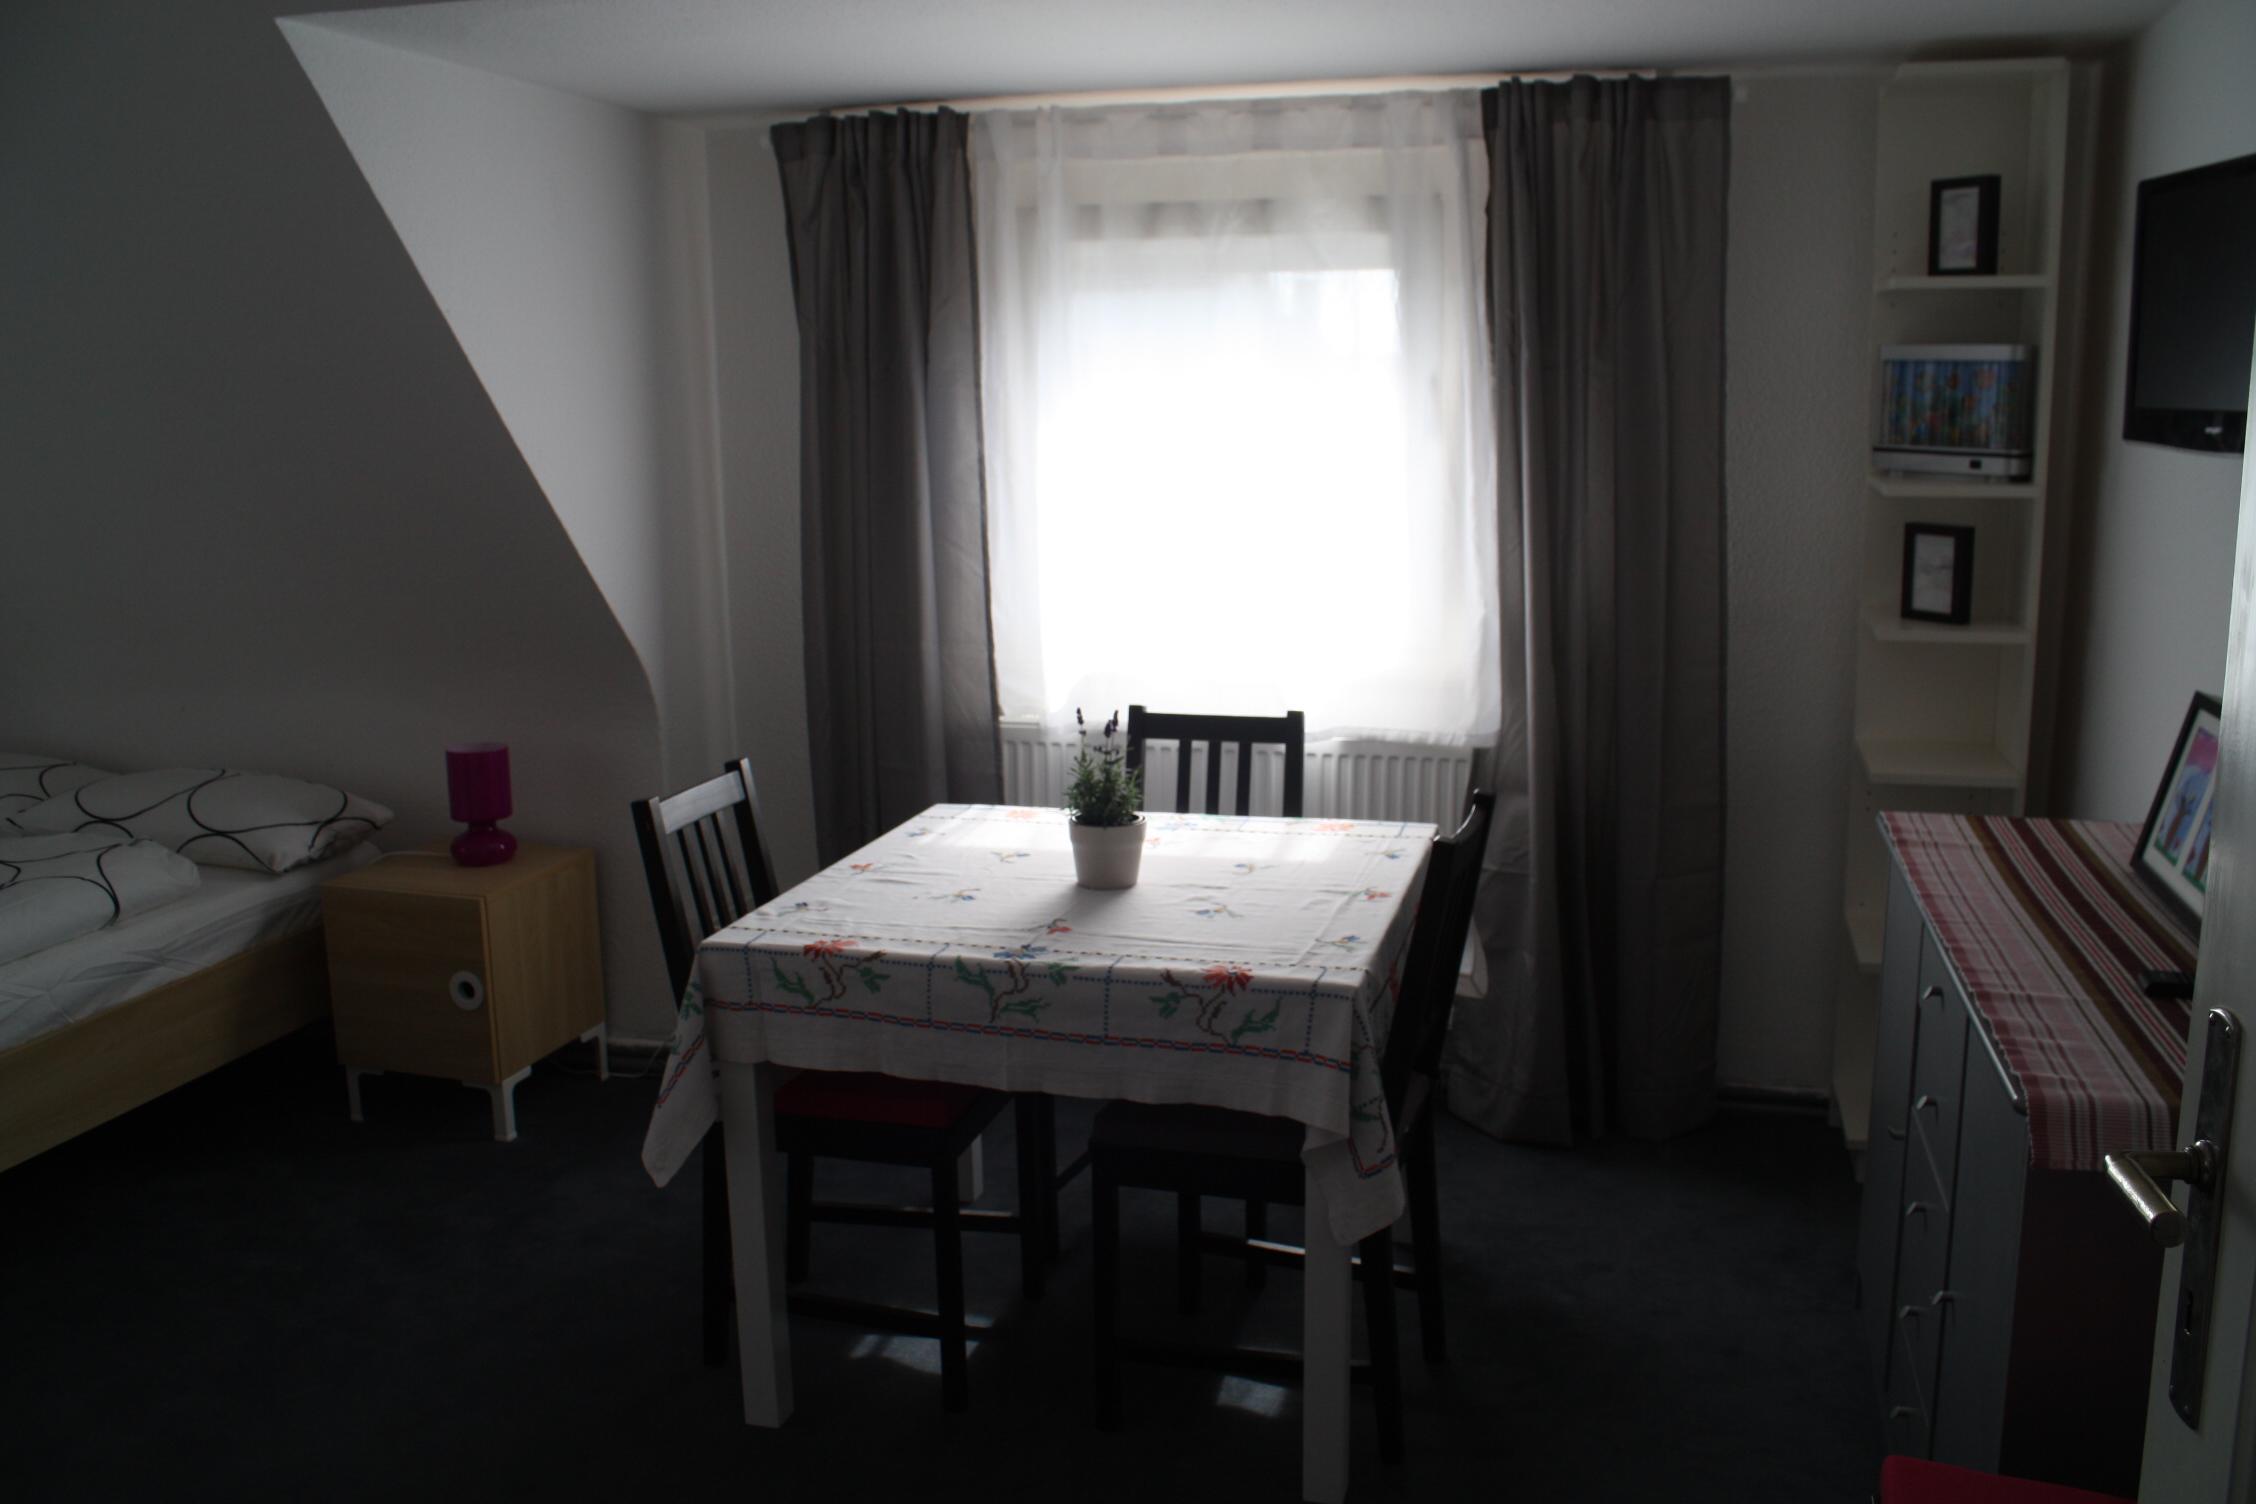 freiraum das gro e zimmer. Black Bedroom Furniture Sets. Home Design Ideas